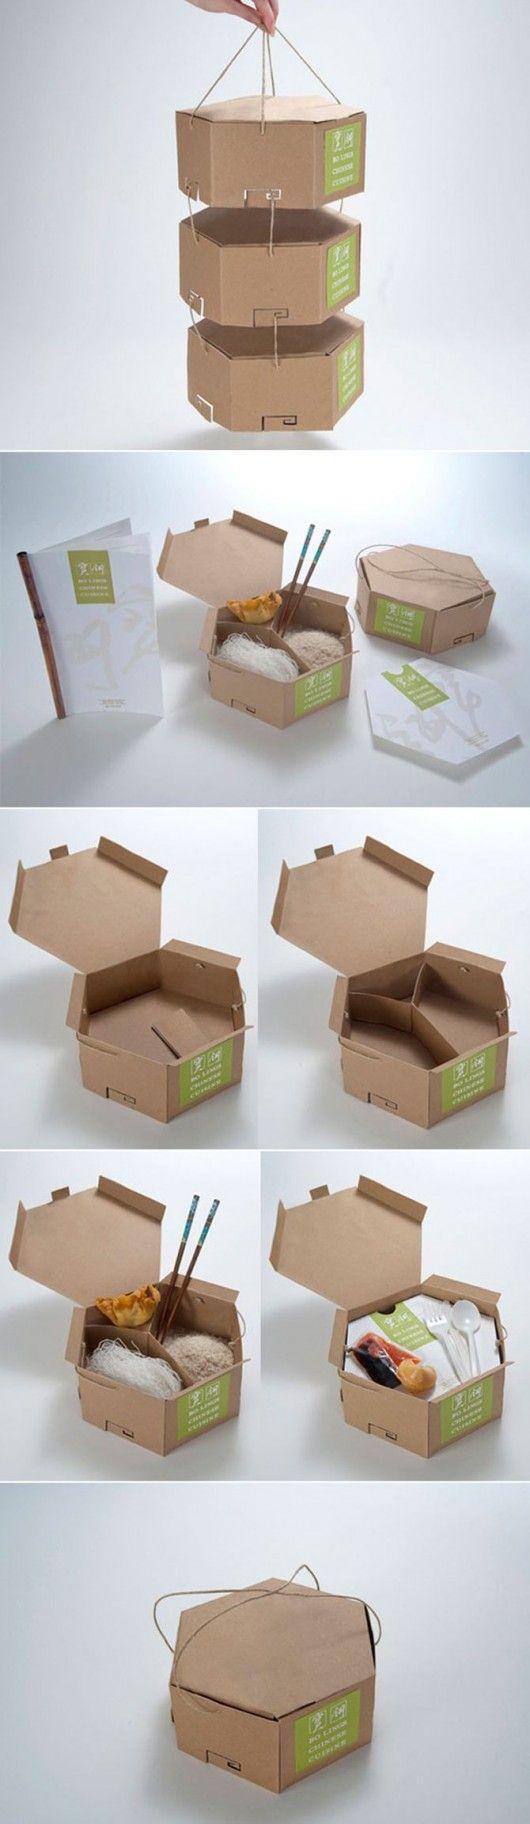 Les 25 meilleures id es de la cat gorie emballage caf sur - Idee repas a emporter ...